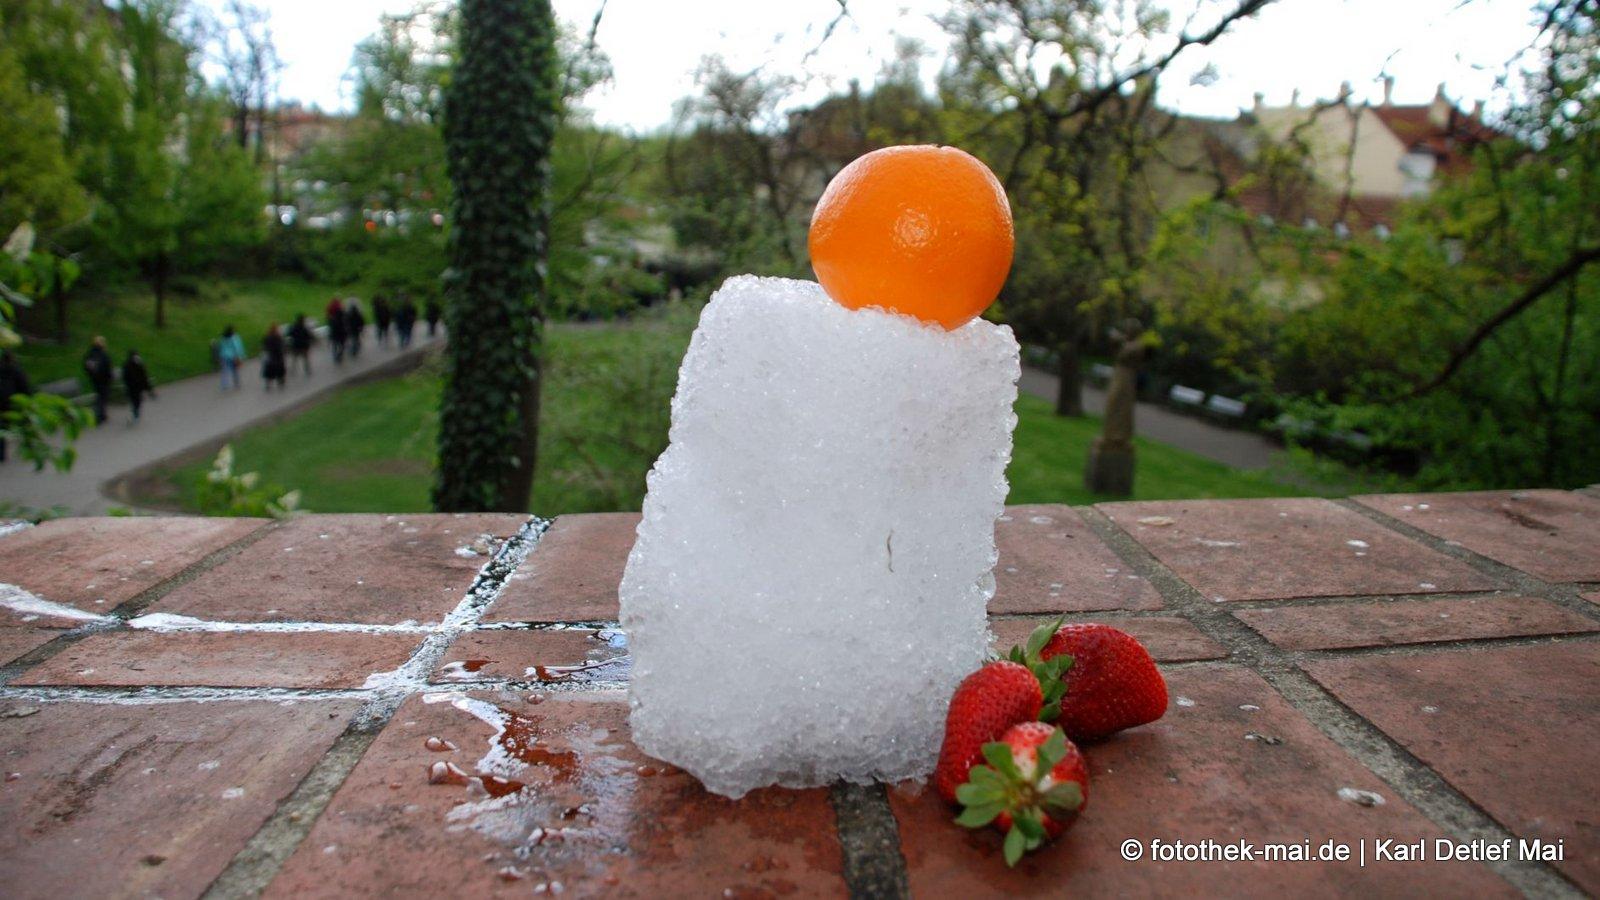 Freude an Kleinigkeiten - Gelegenheits-Obst-Installation // Frühlingsschneeschauer und Obst von Bistro im Castle Steps in Prag (CZ)